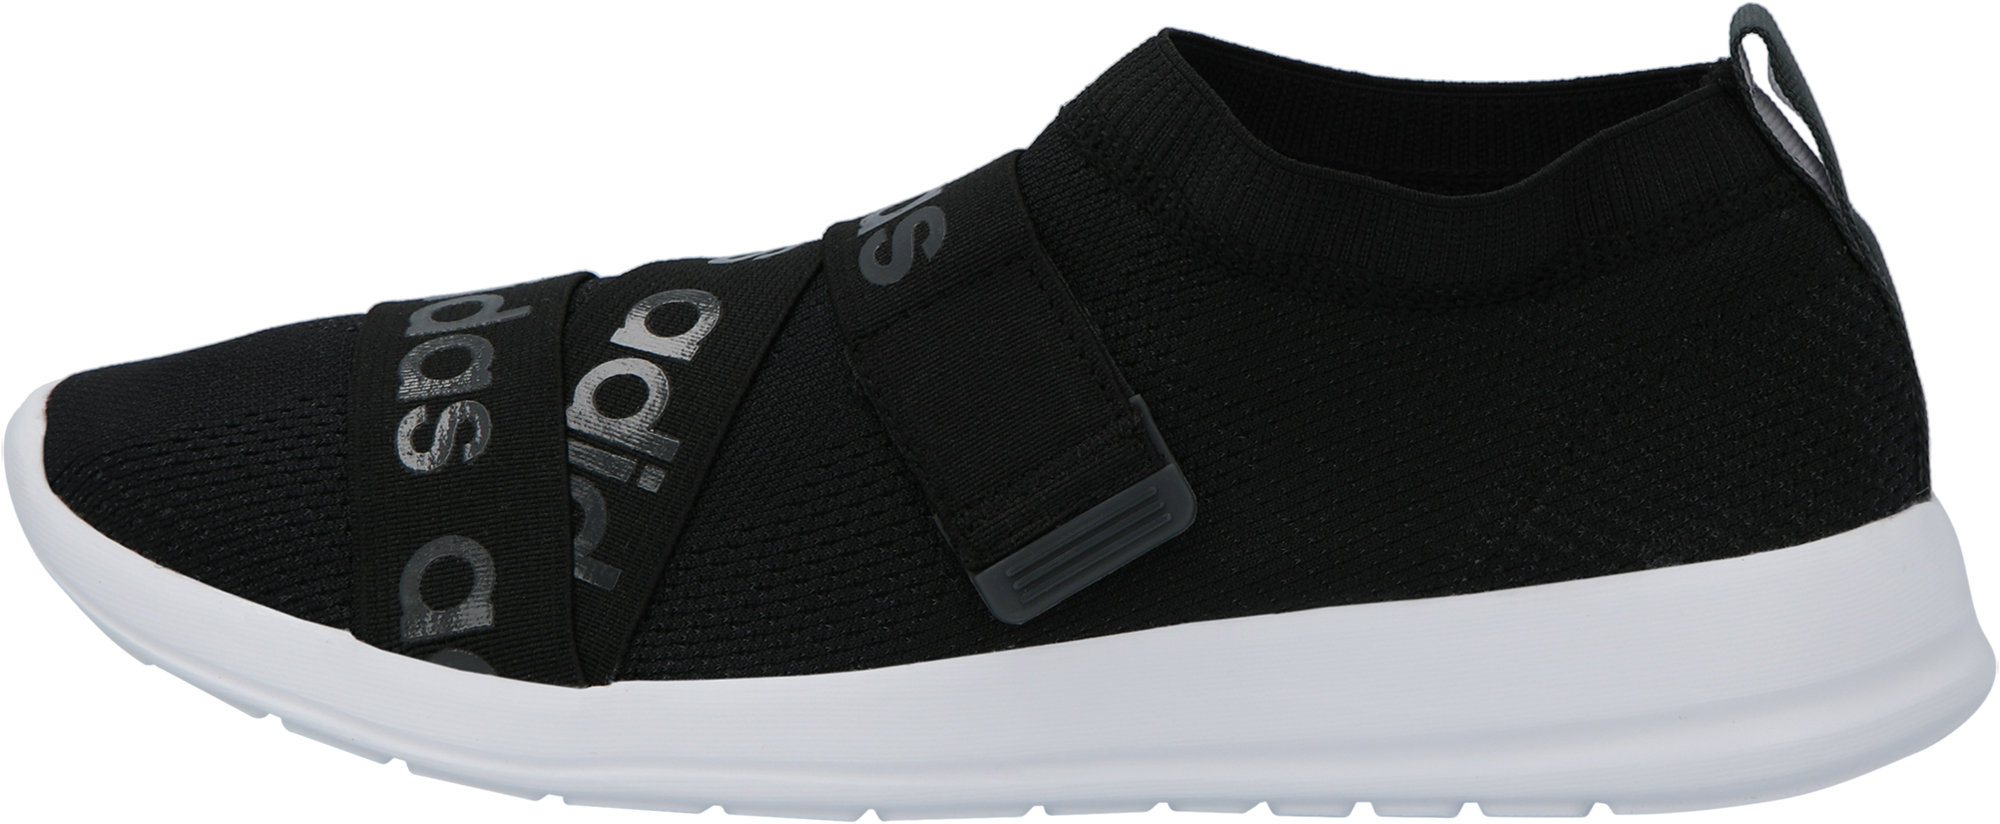 Adidas Кроссовки женские Adidas Khoe Adapt, размер 37.5 кроссовки adidas кроссовки